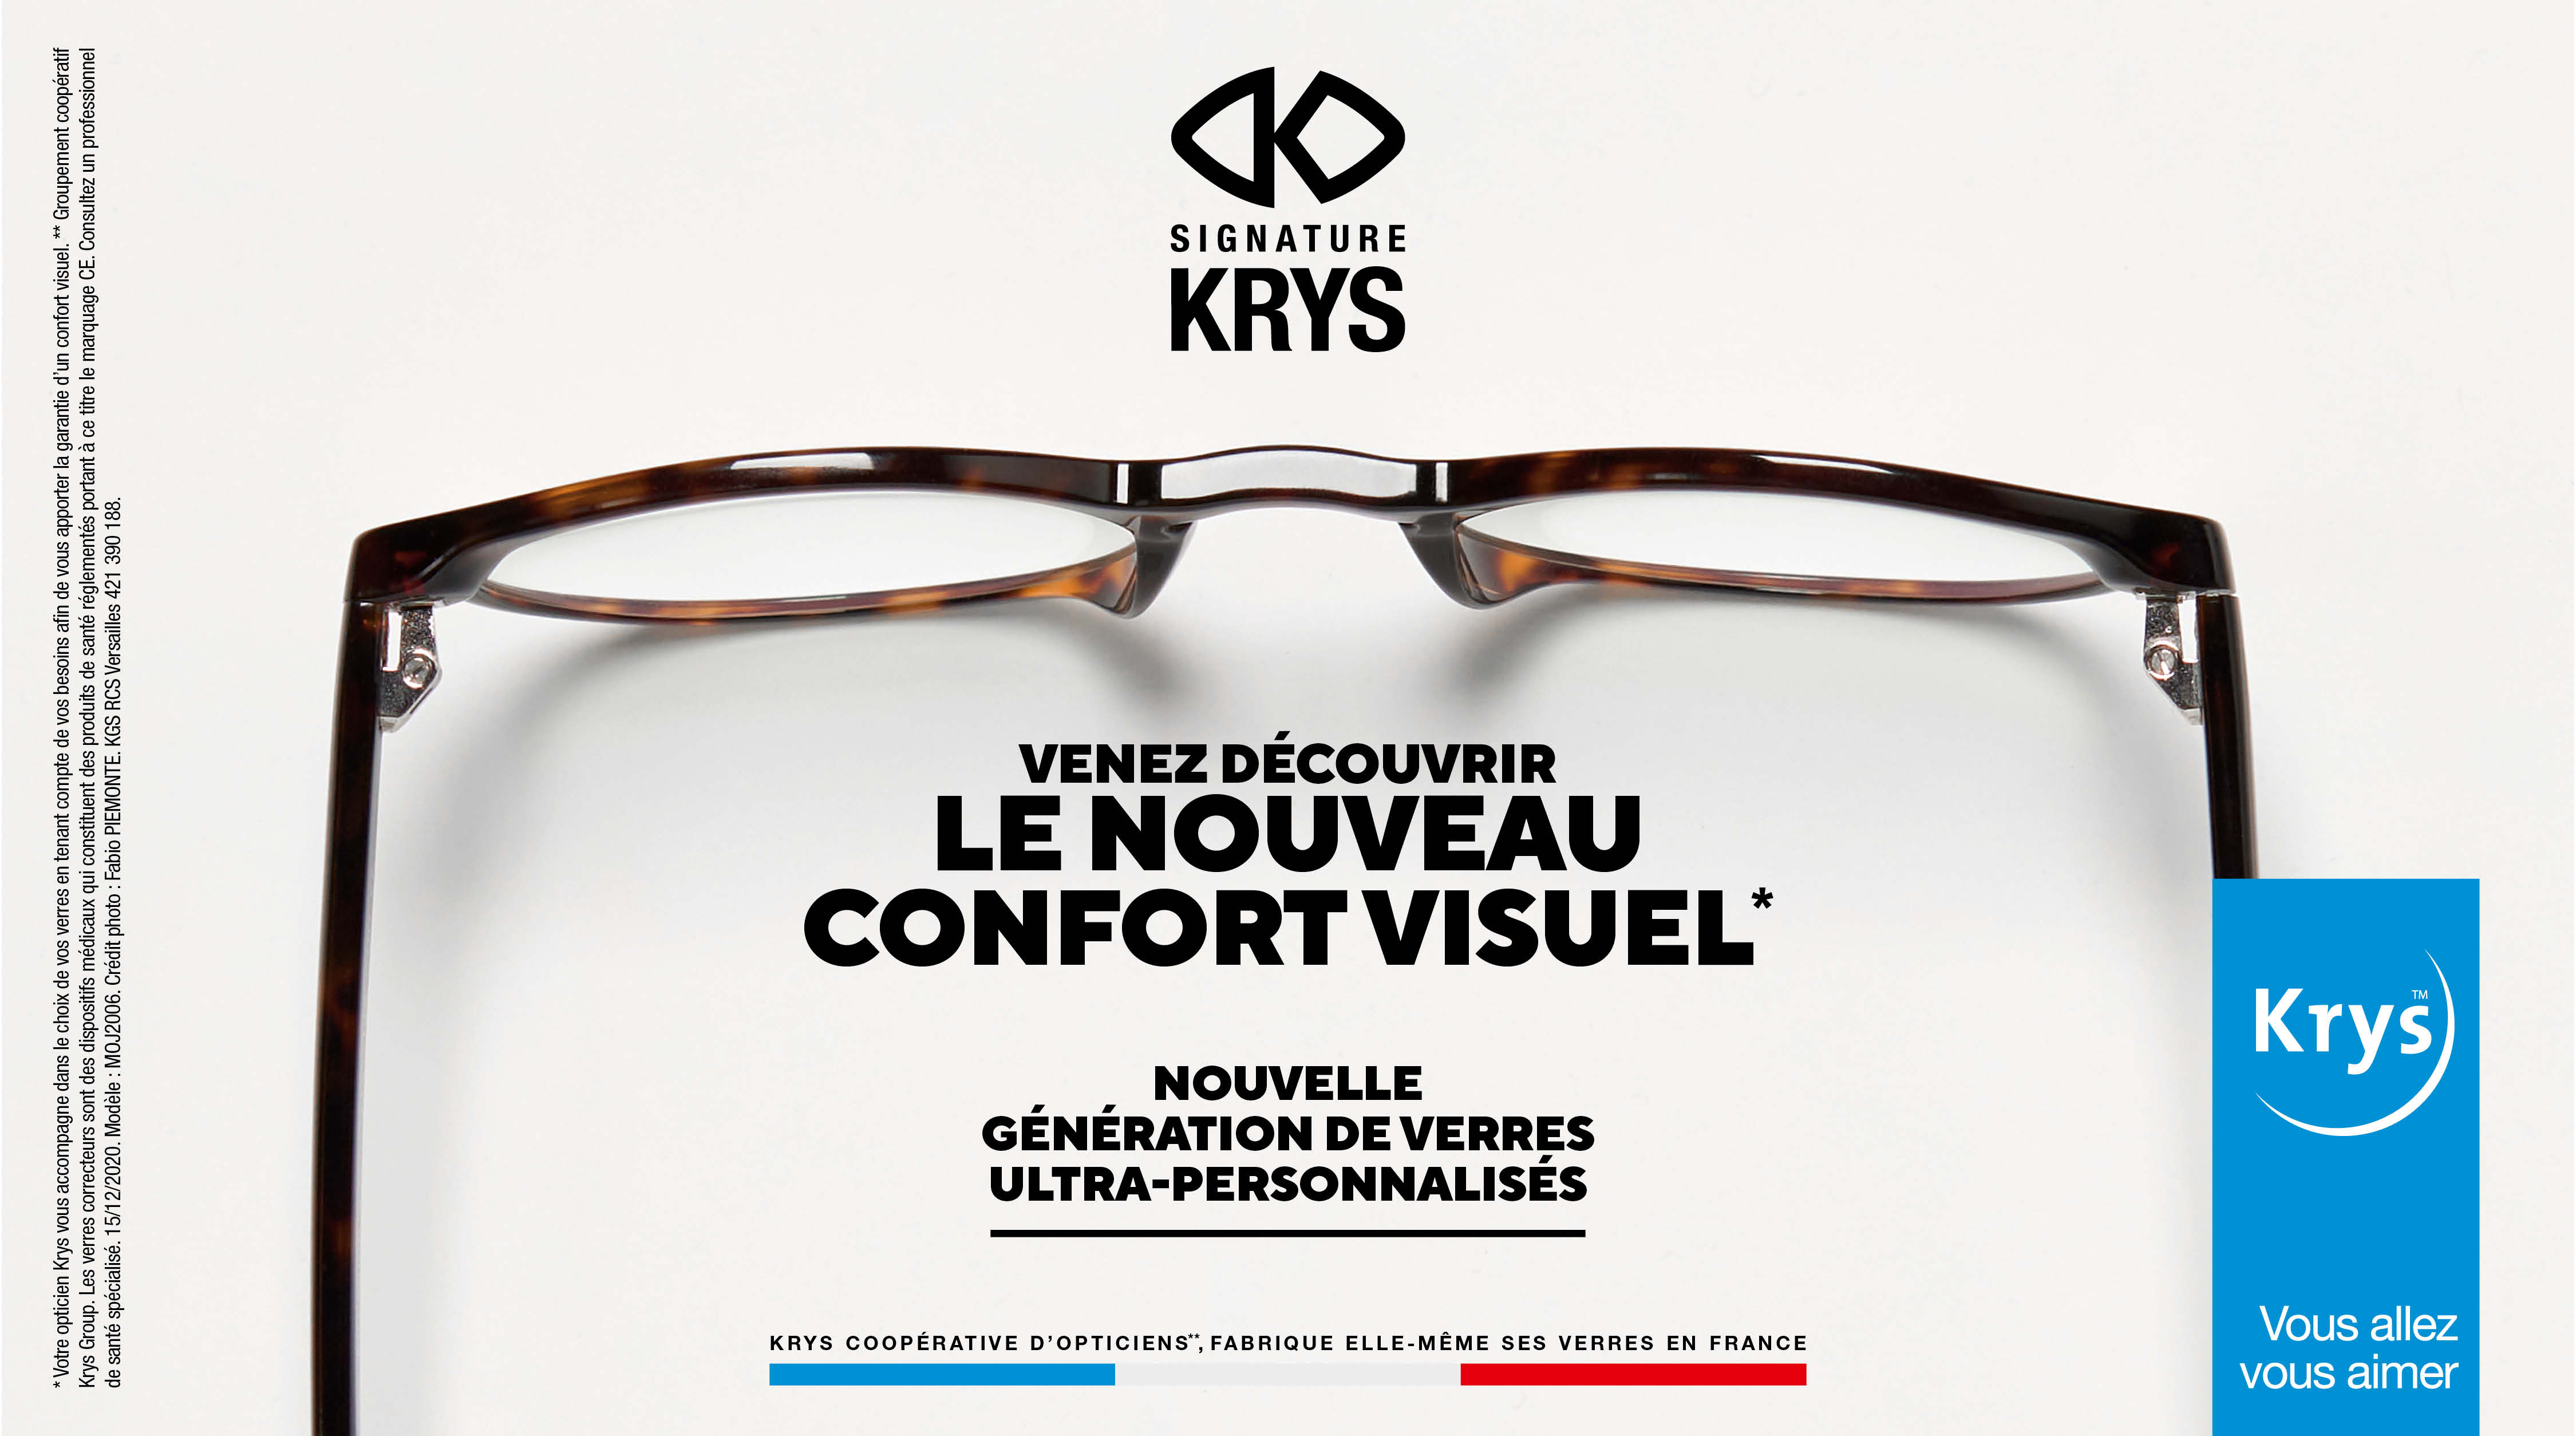 Retrouvez le confort visuel avec Krys !